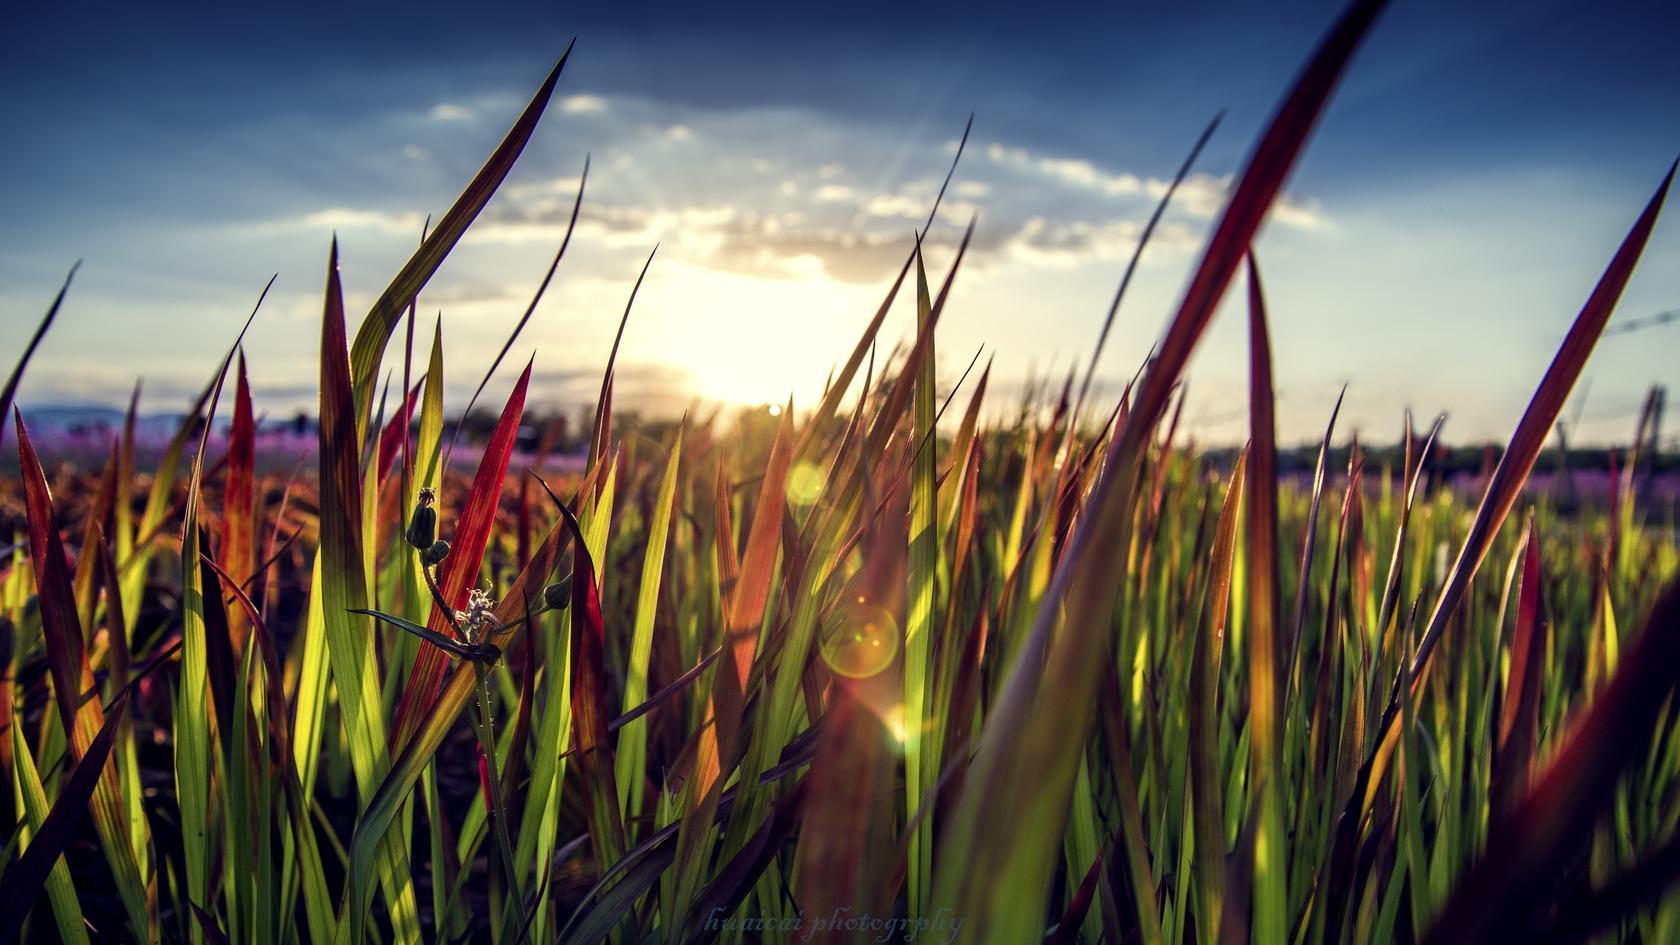 天地有大美,修行人眼中的世界是什么样?